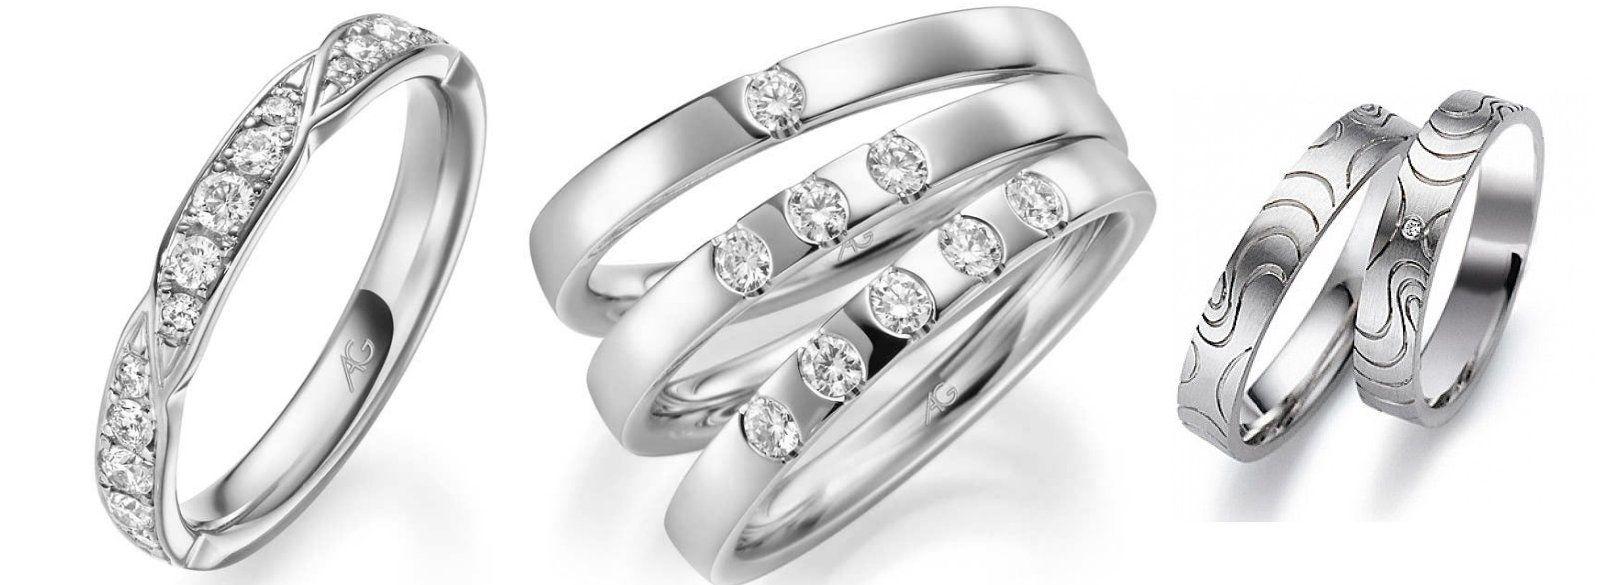 Anillos de oro blanco: Alianzas de My Ring